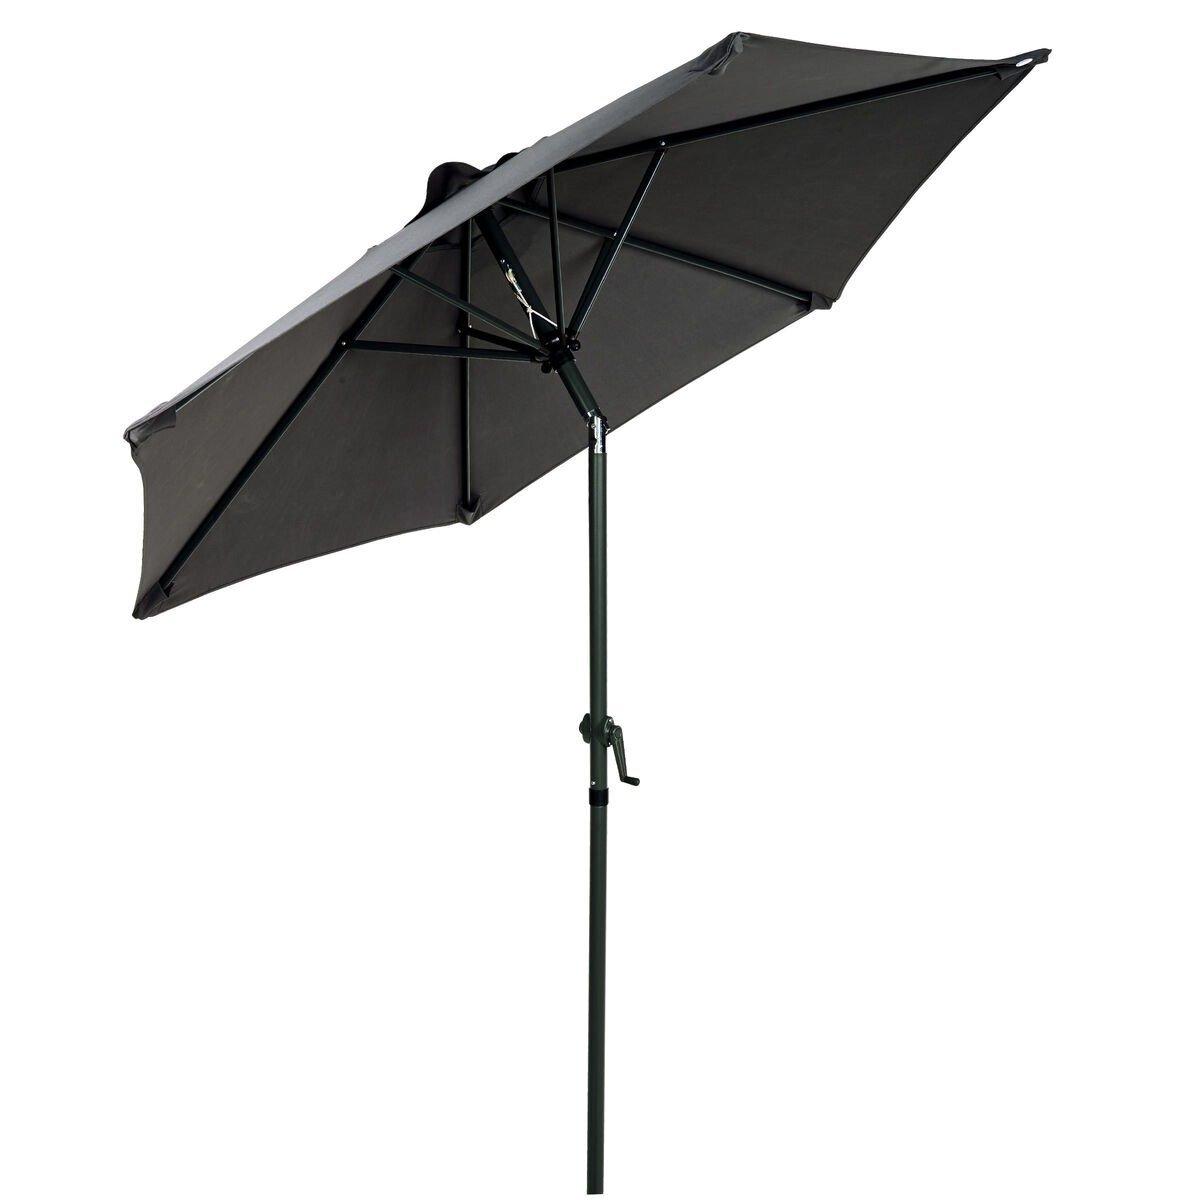 Bild 1 von SIESTA Sonnenschirm mit Kurbel